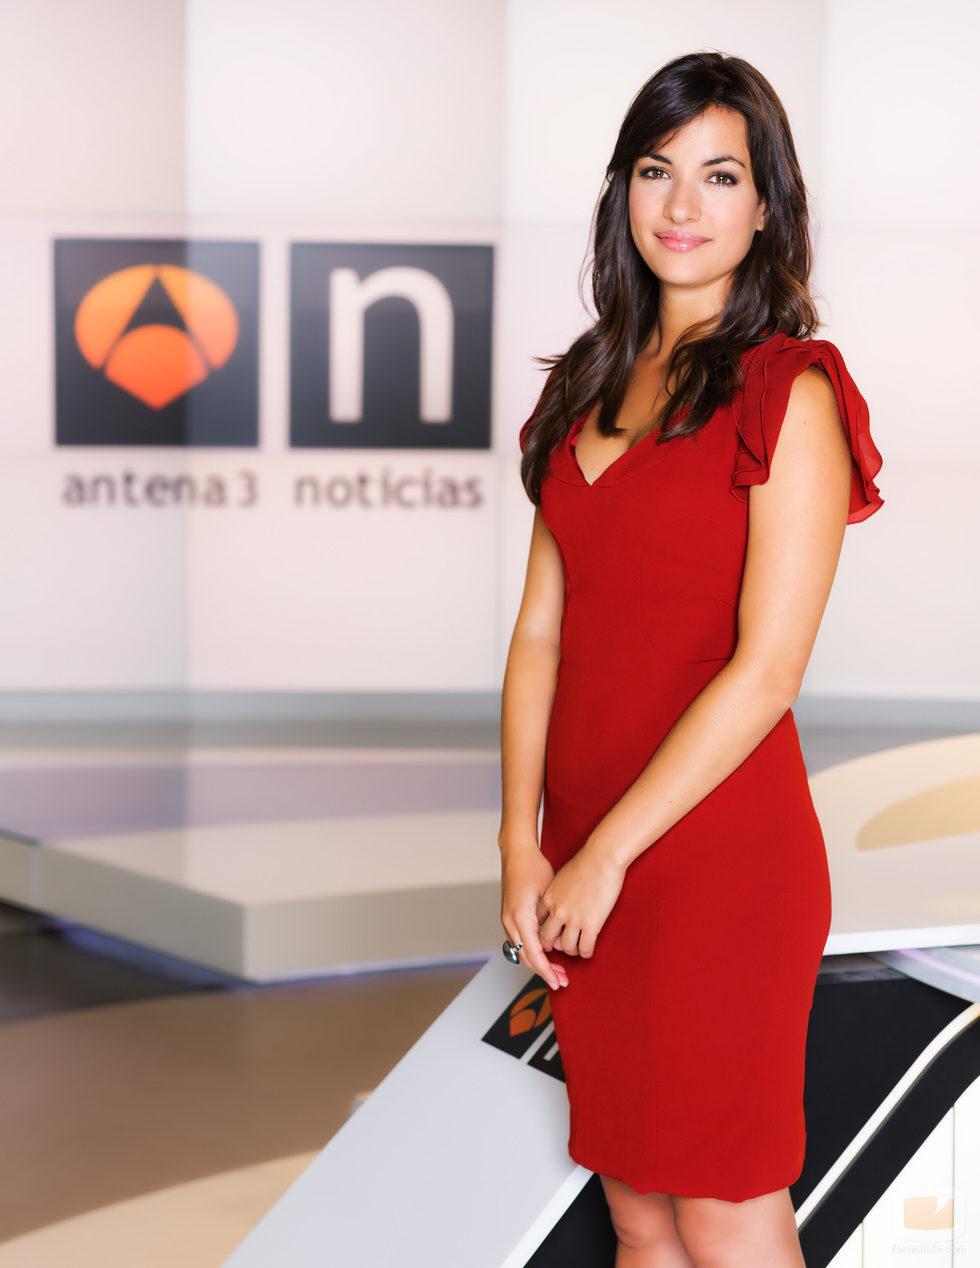 Esther Vaquero, presentadora de 'Las noticias de la mañana' en Antena 3